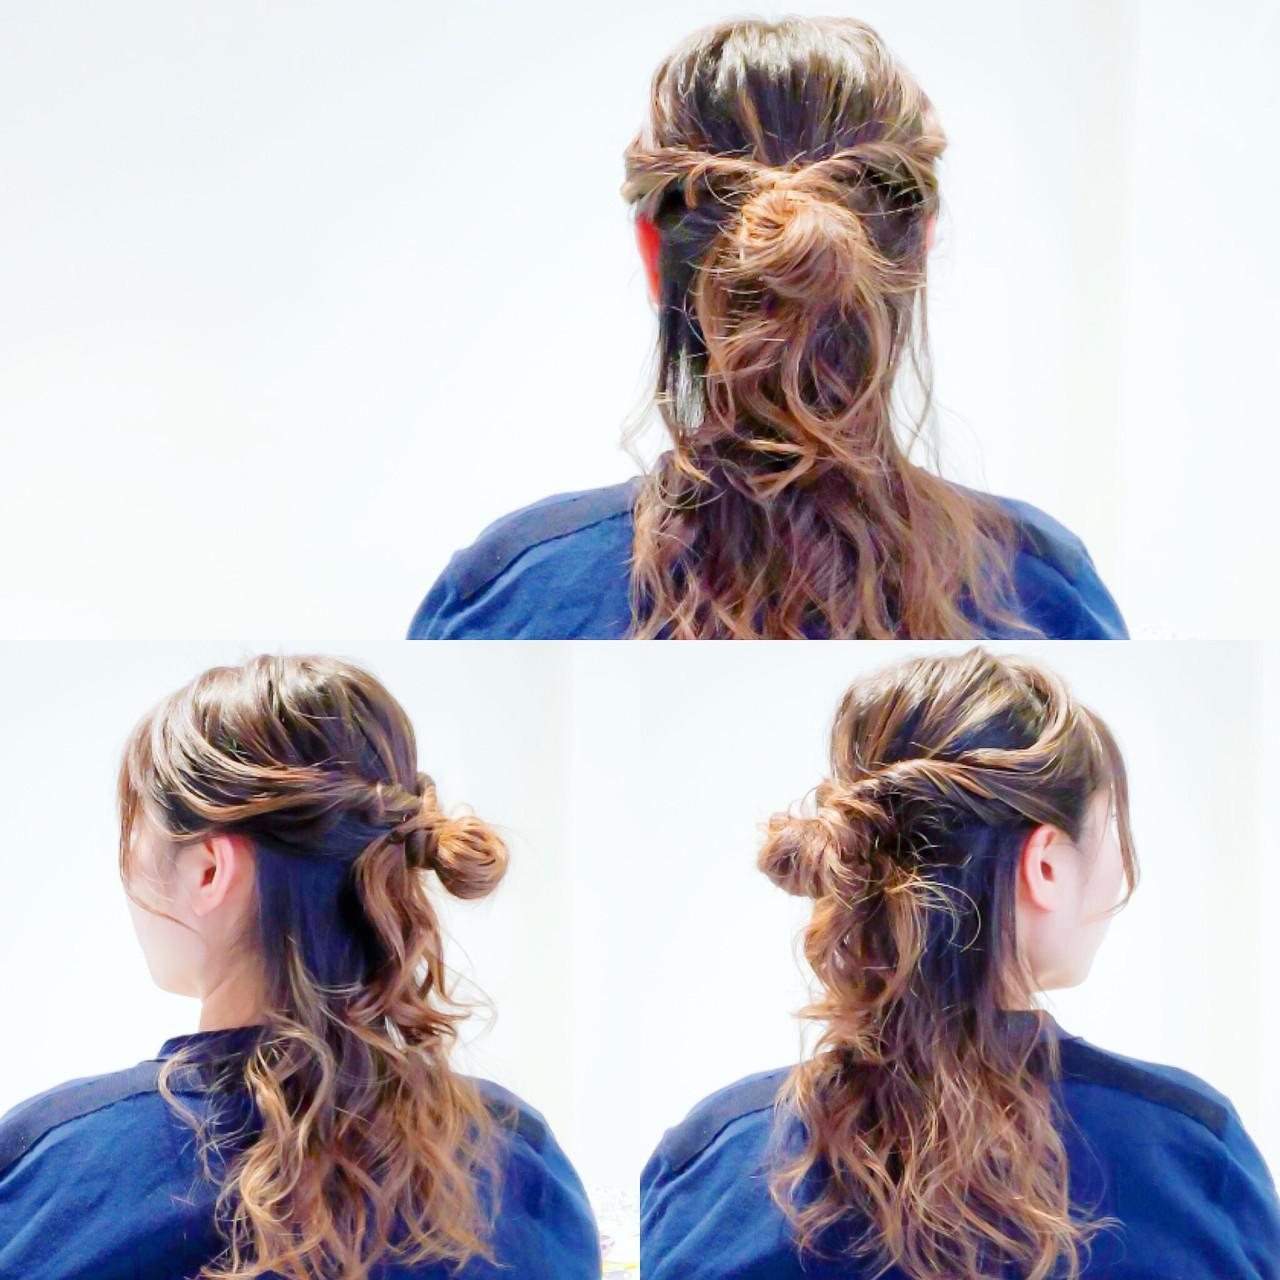 デート ロング ヘアアレンジ オフィス ヘアスタイルや髪型の写真・画像 | 美容師HIRO/Amoute代表 / Amoute/アムティ